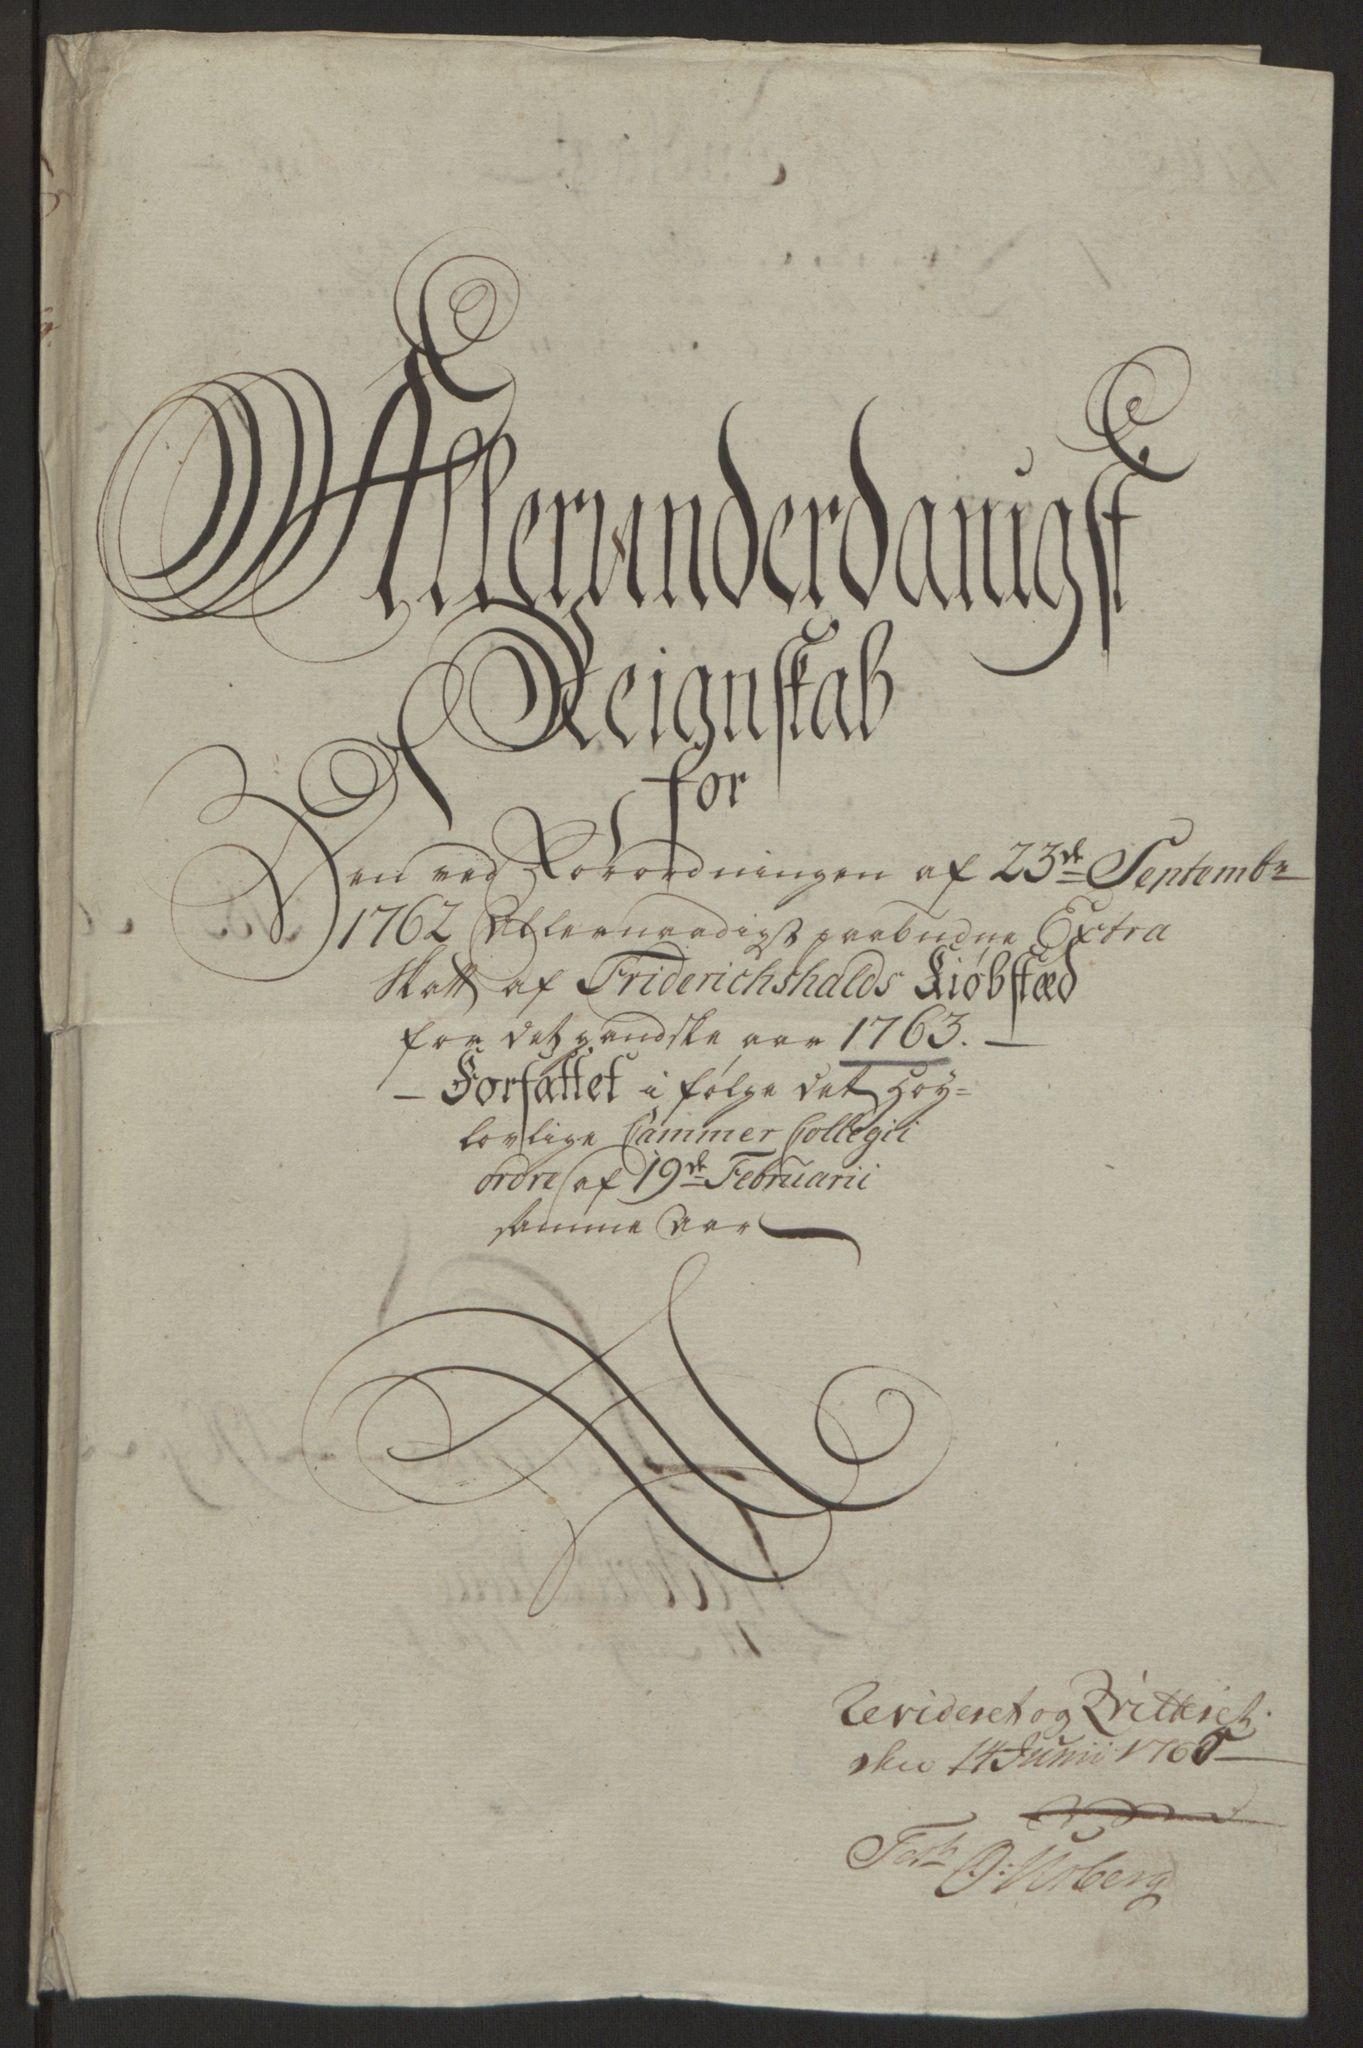 RA, Rentekammeret inntil 1814, Reviderte regnskaper, Byregnskaper, R/Ra/L0006: [A4] Kontribusjonsregnskap, 1762-1772, s. 66